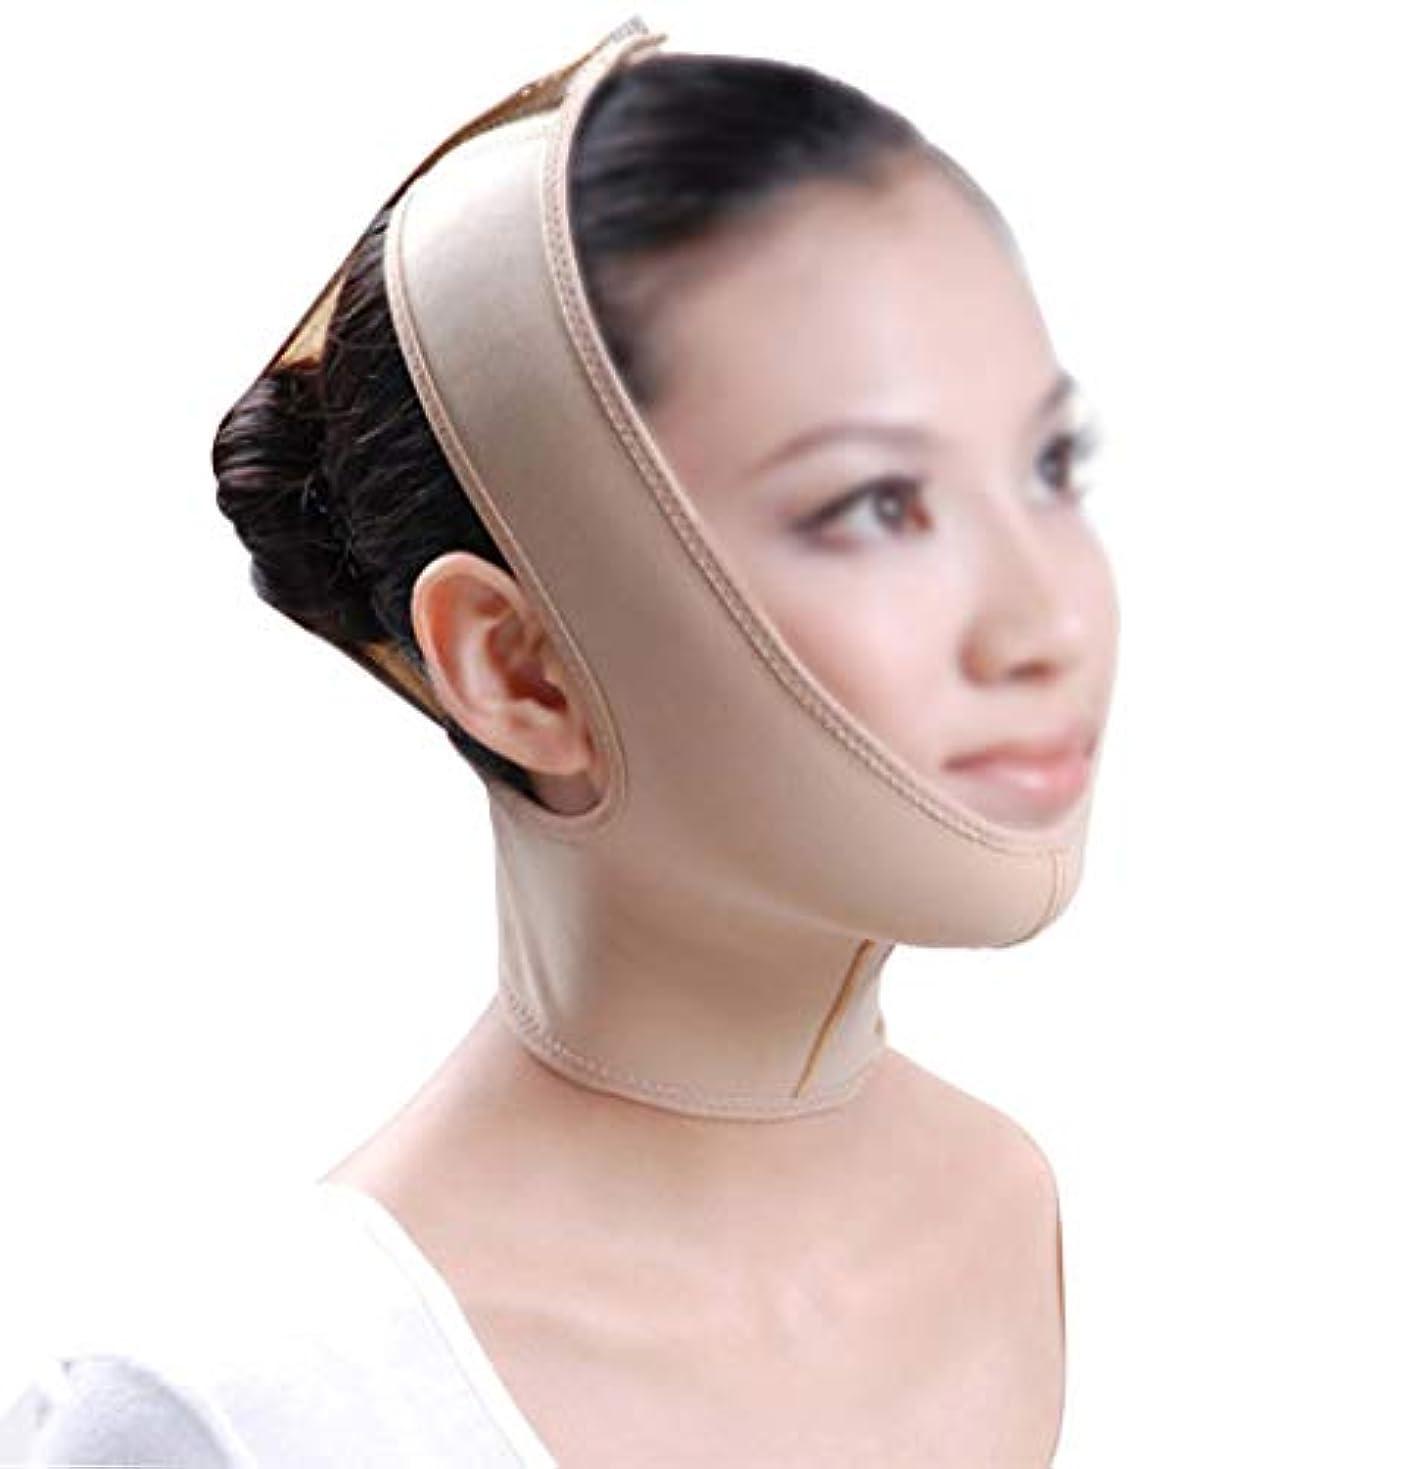 また肥満まぶしさGLJJQMY 引き締めマスクマスク強力なフェイスリフティングリハビリ弾性フェイスリフティング引き締め首あご整形リハビリチンスリーブ 顔用整形マスク (Size : XL)